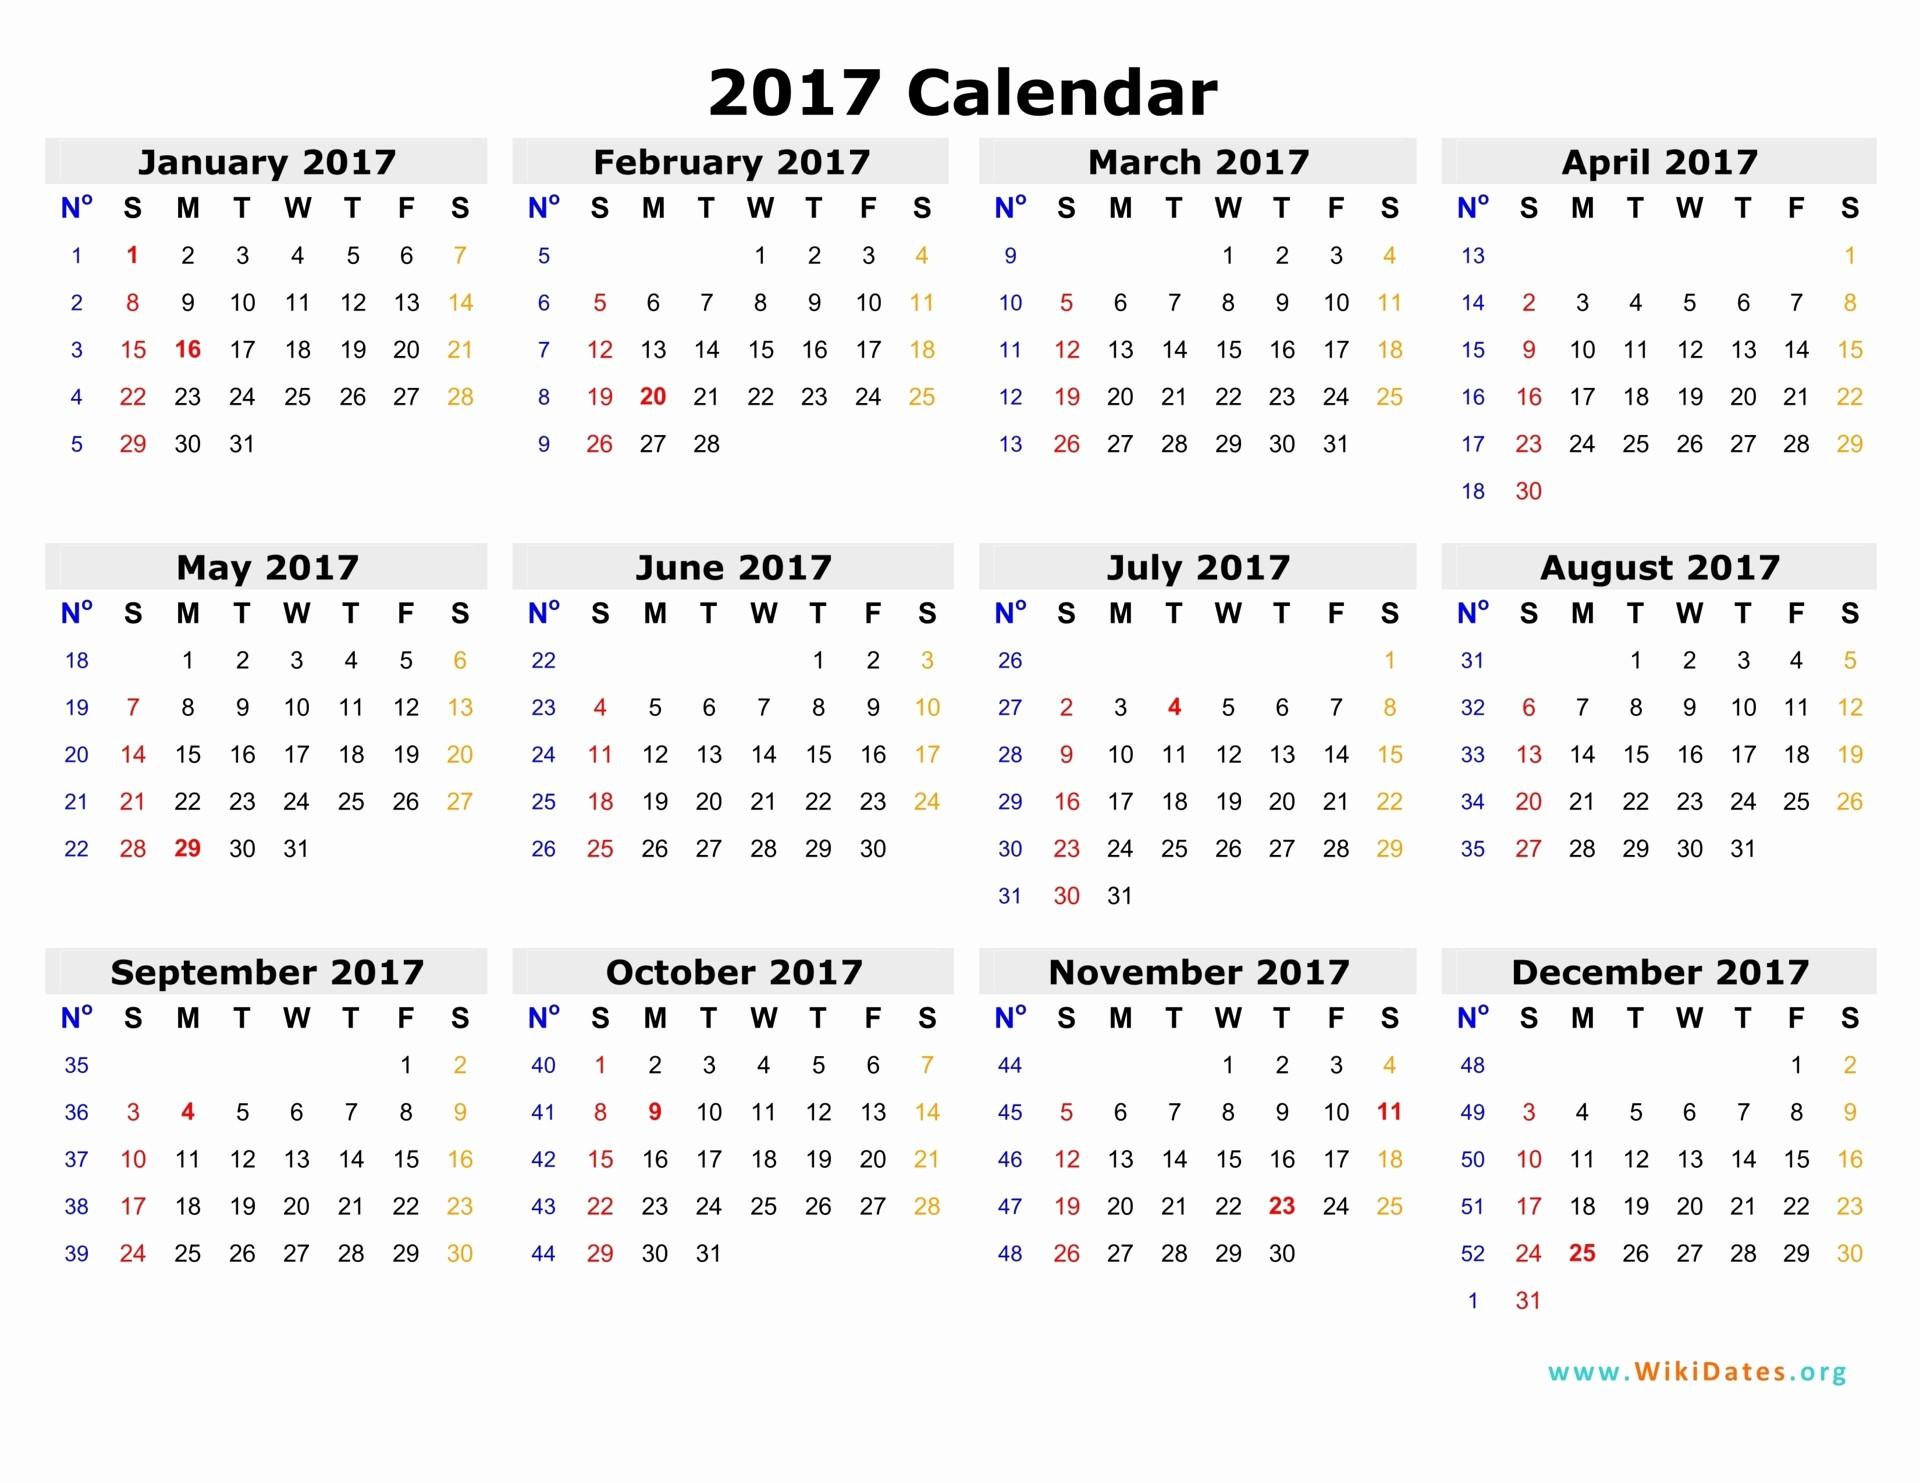 Free Printable Weekly Calendars 2017 Elegant Weekly Calendar 2017